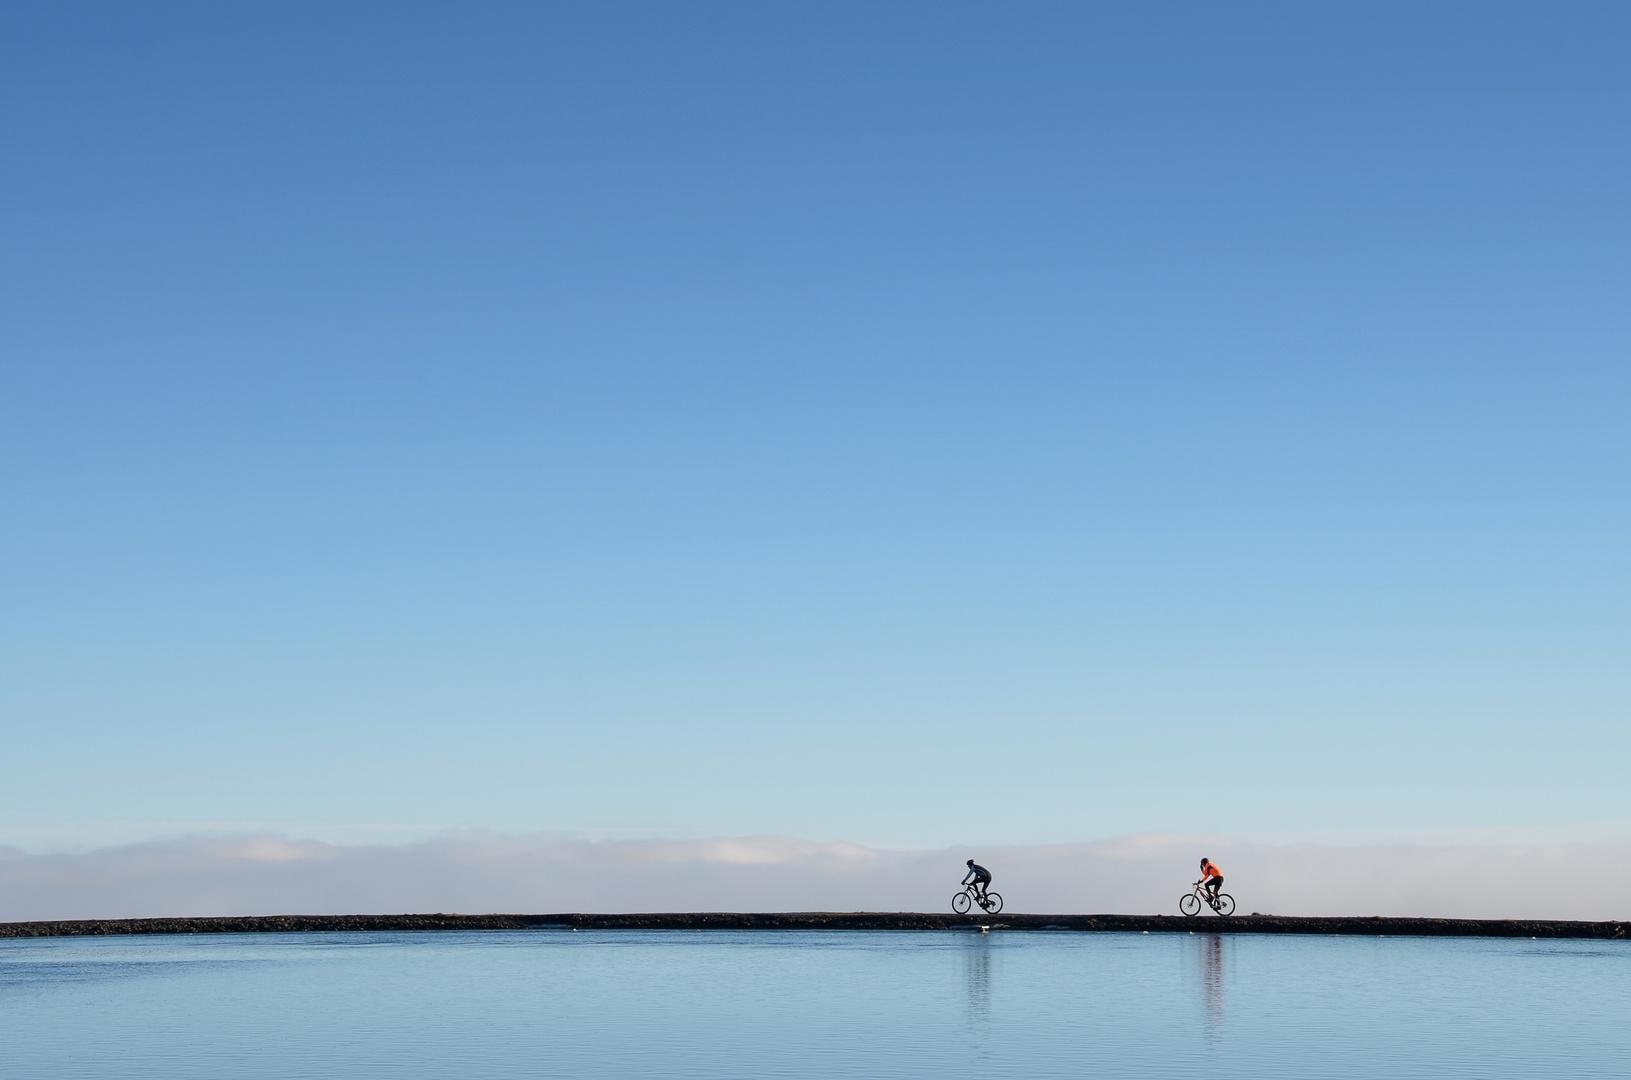 Biking in the sky